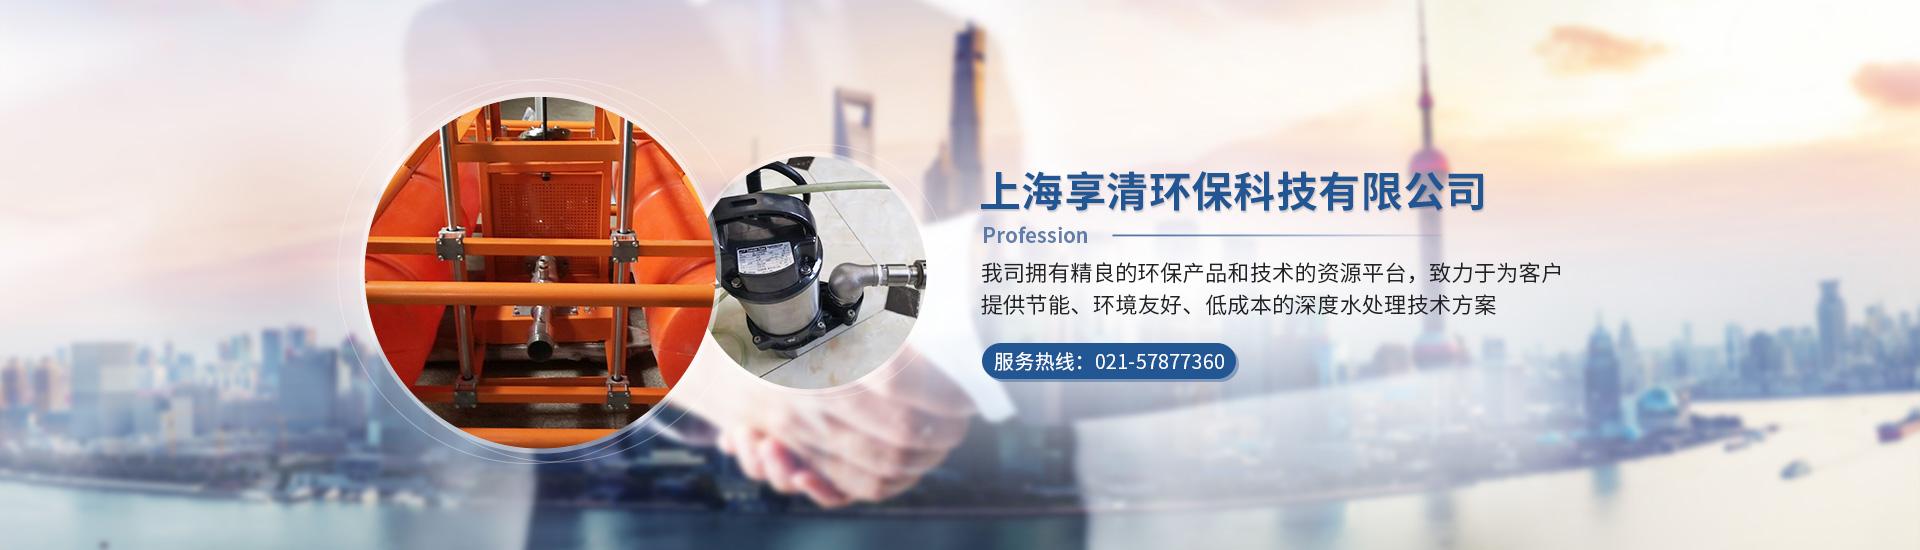 漂浮型微纳米气泡发生器、微纳米曝气机